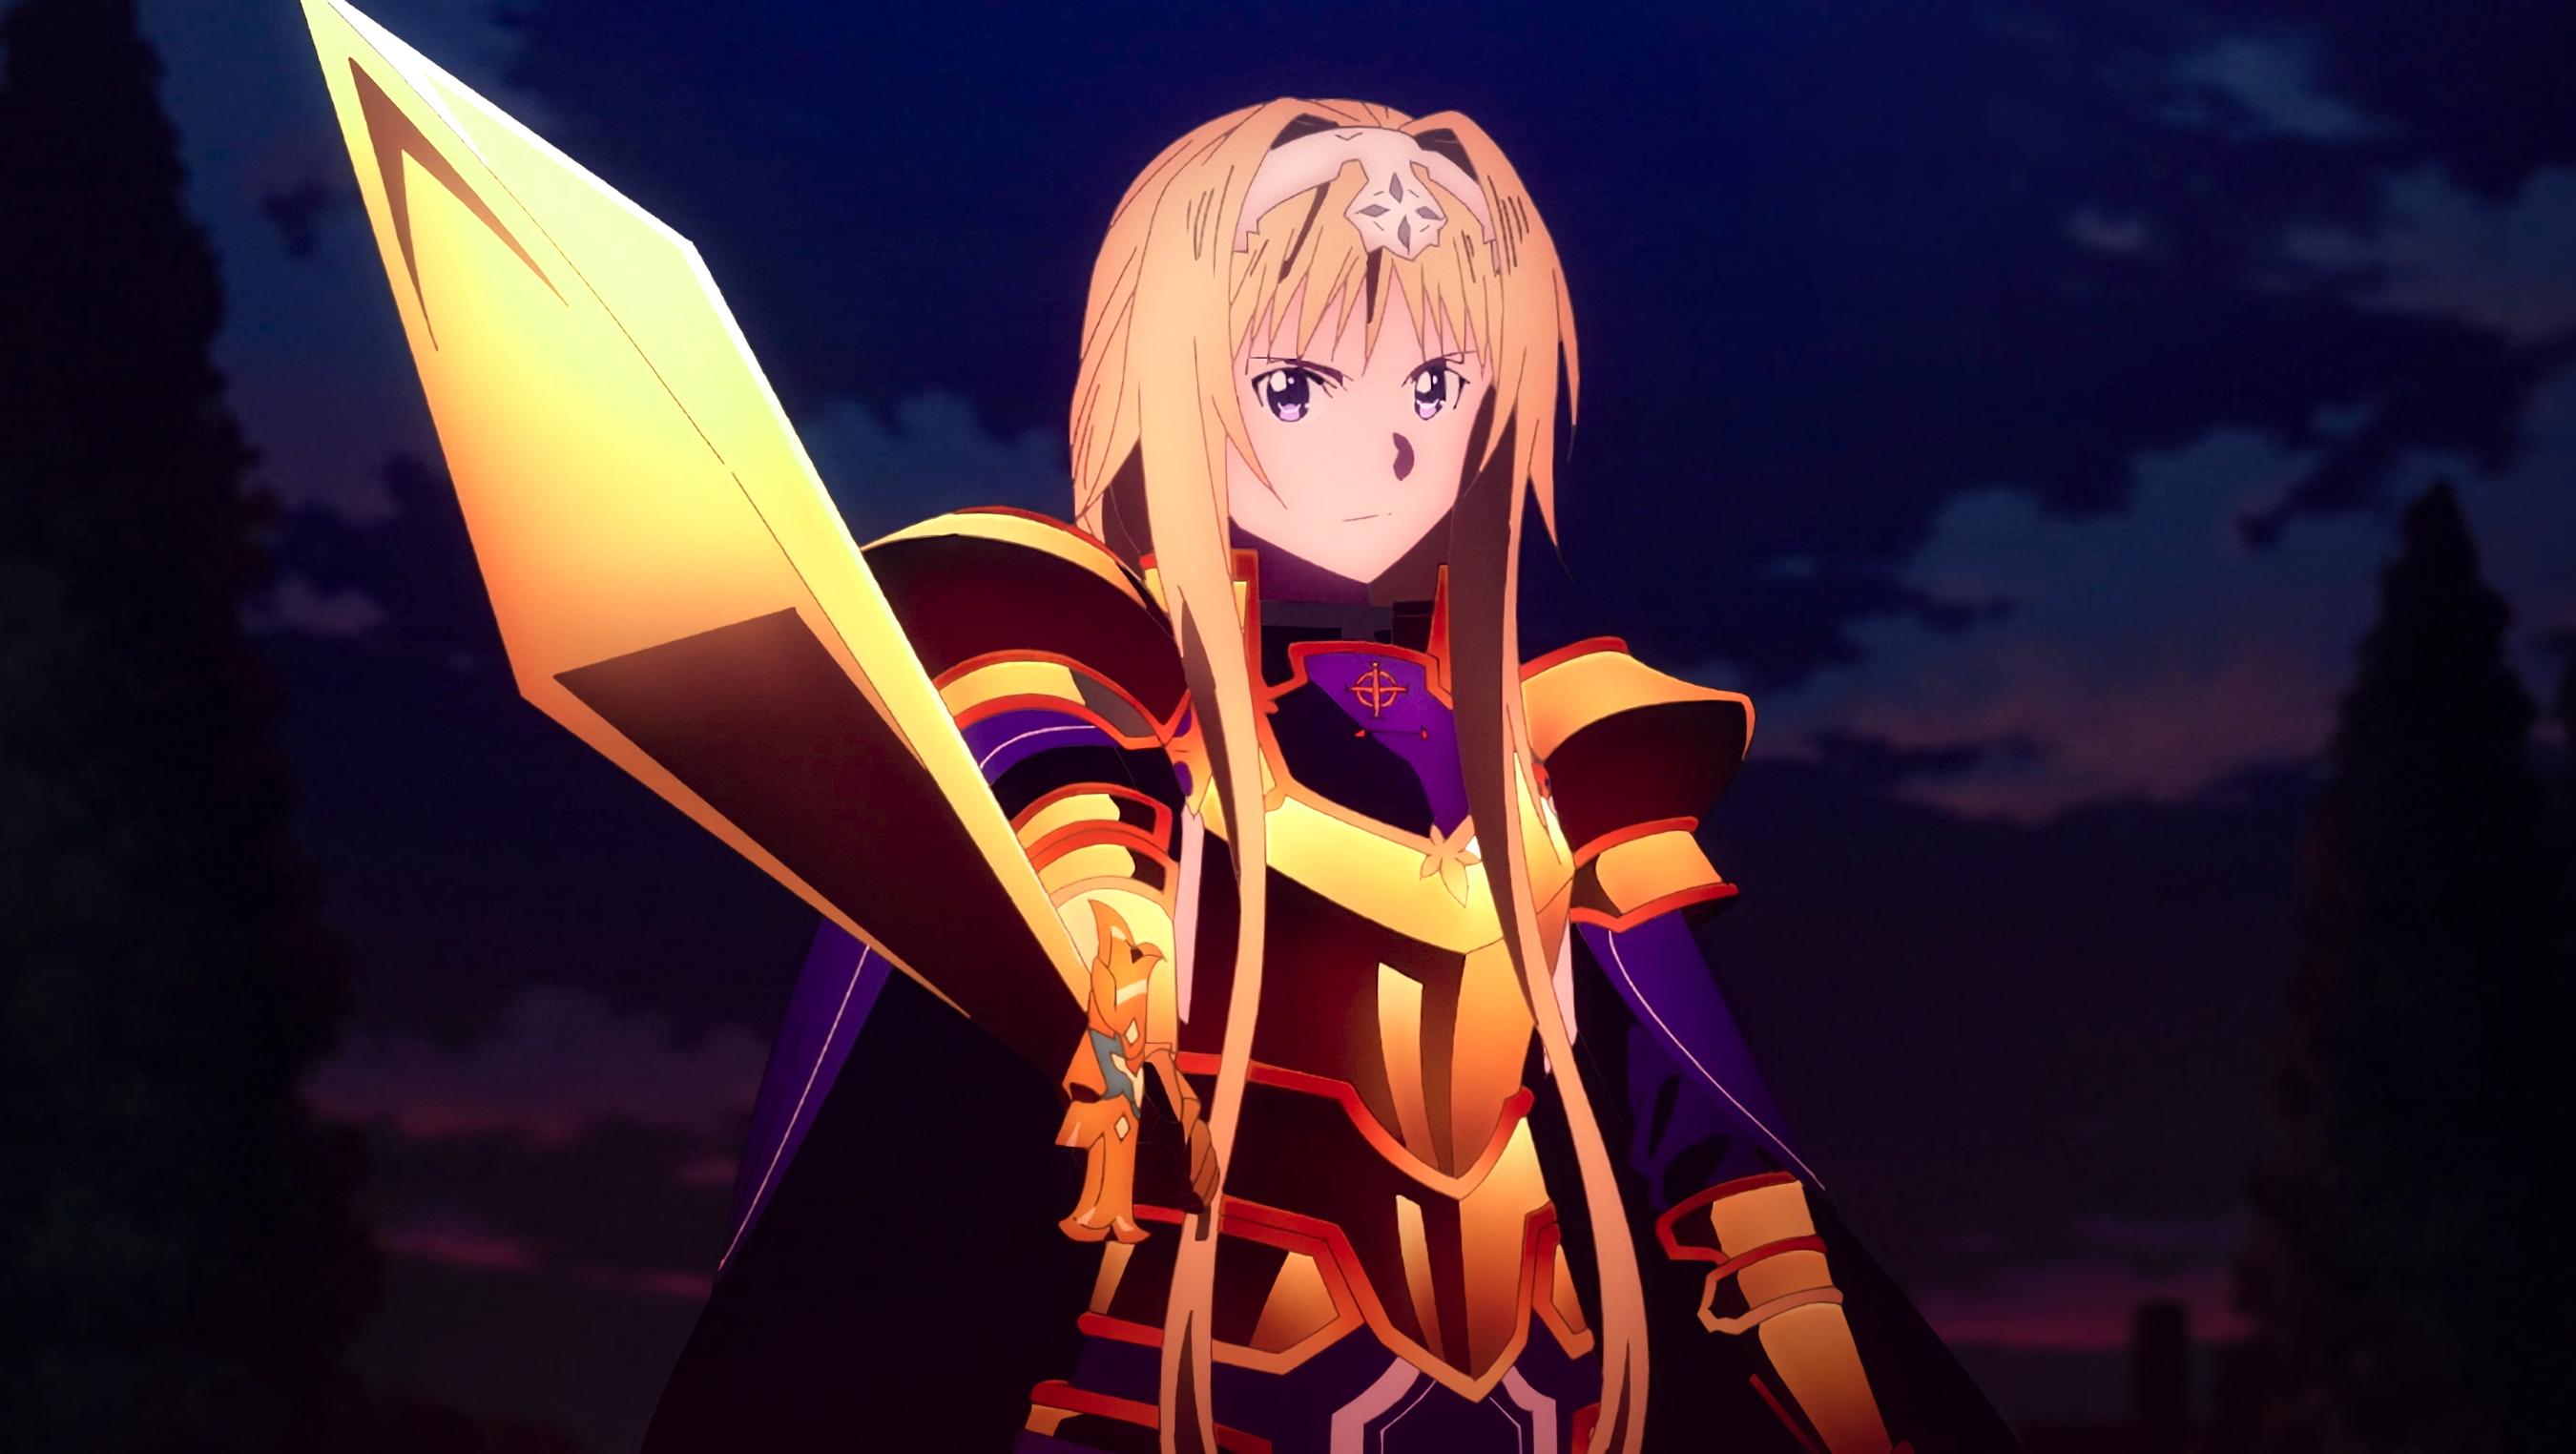 デスクトップ壁紙 アニメの女の子 Sword Art Online Alicization